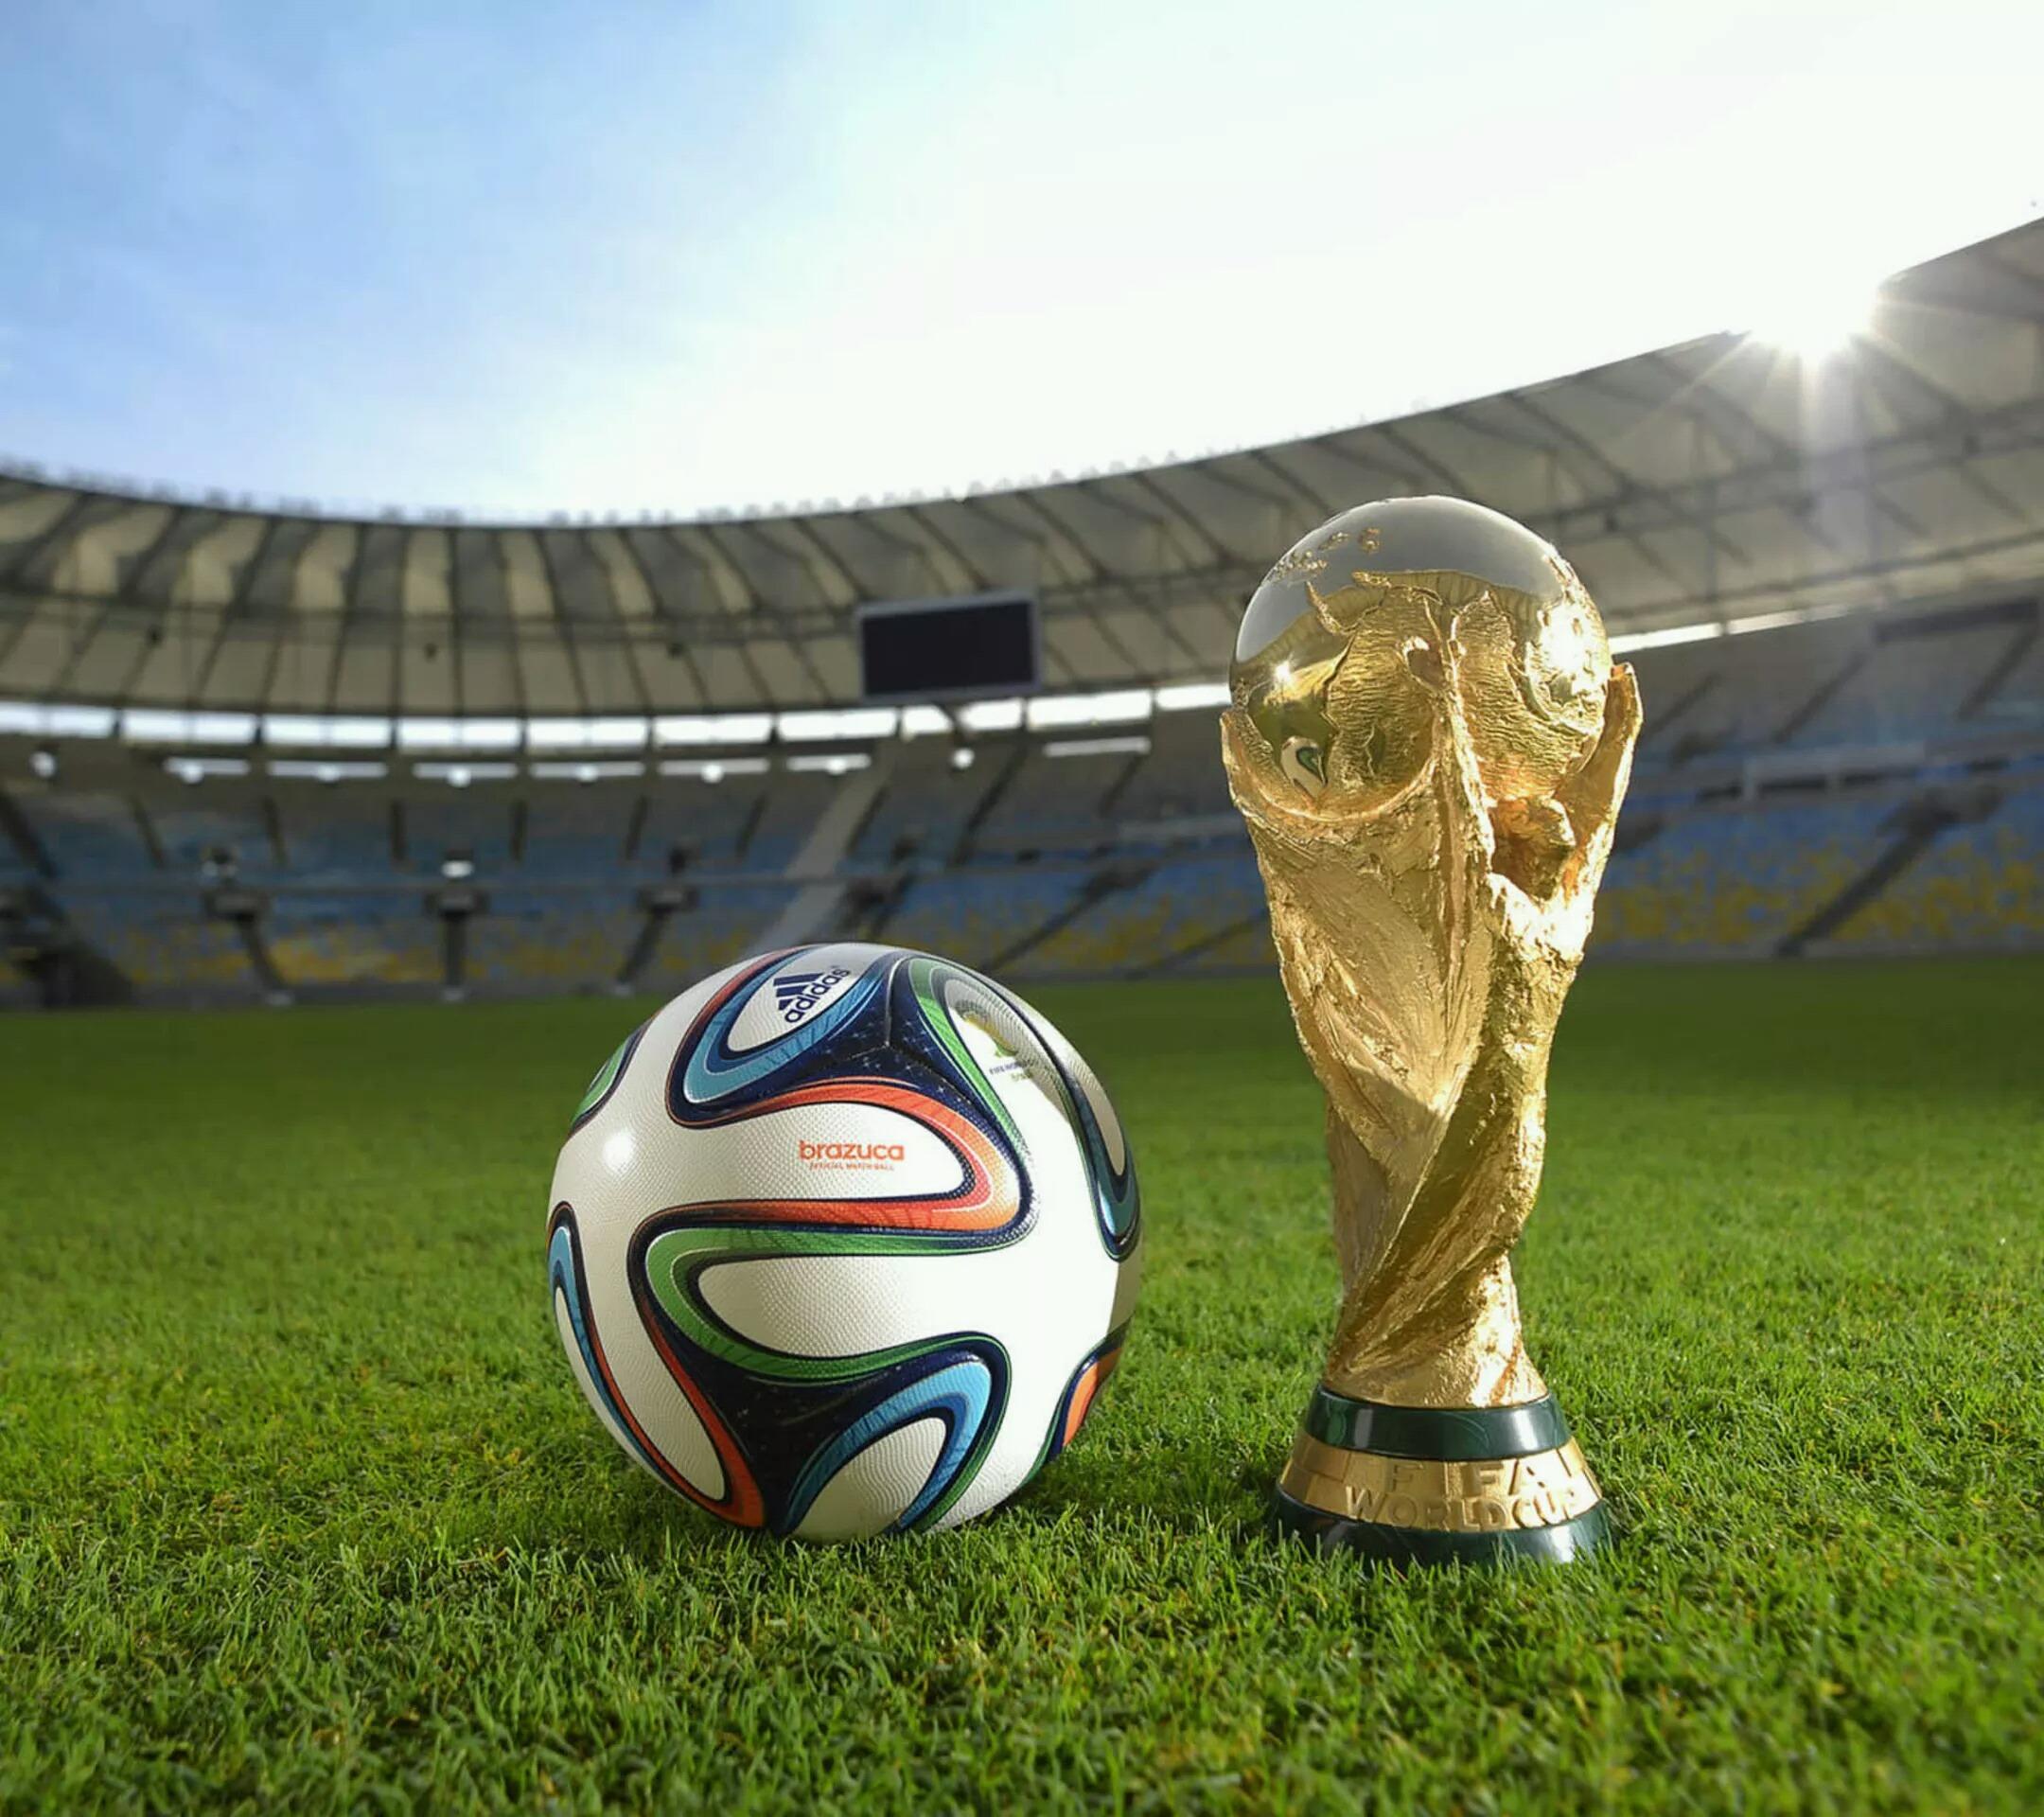 2021卡塔尔世界杯预选赛苏州站什么时候开始?票价多少?